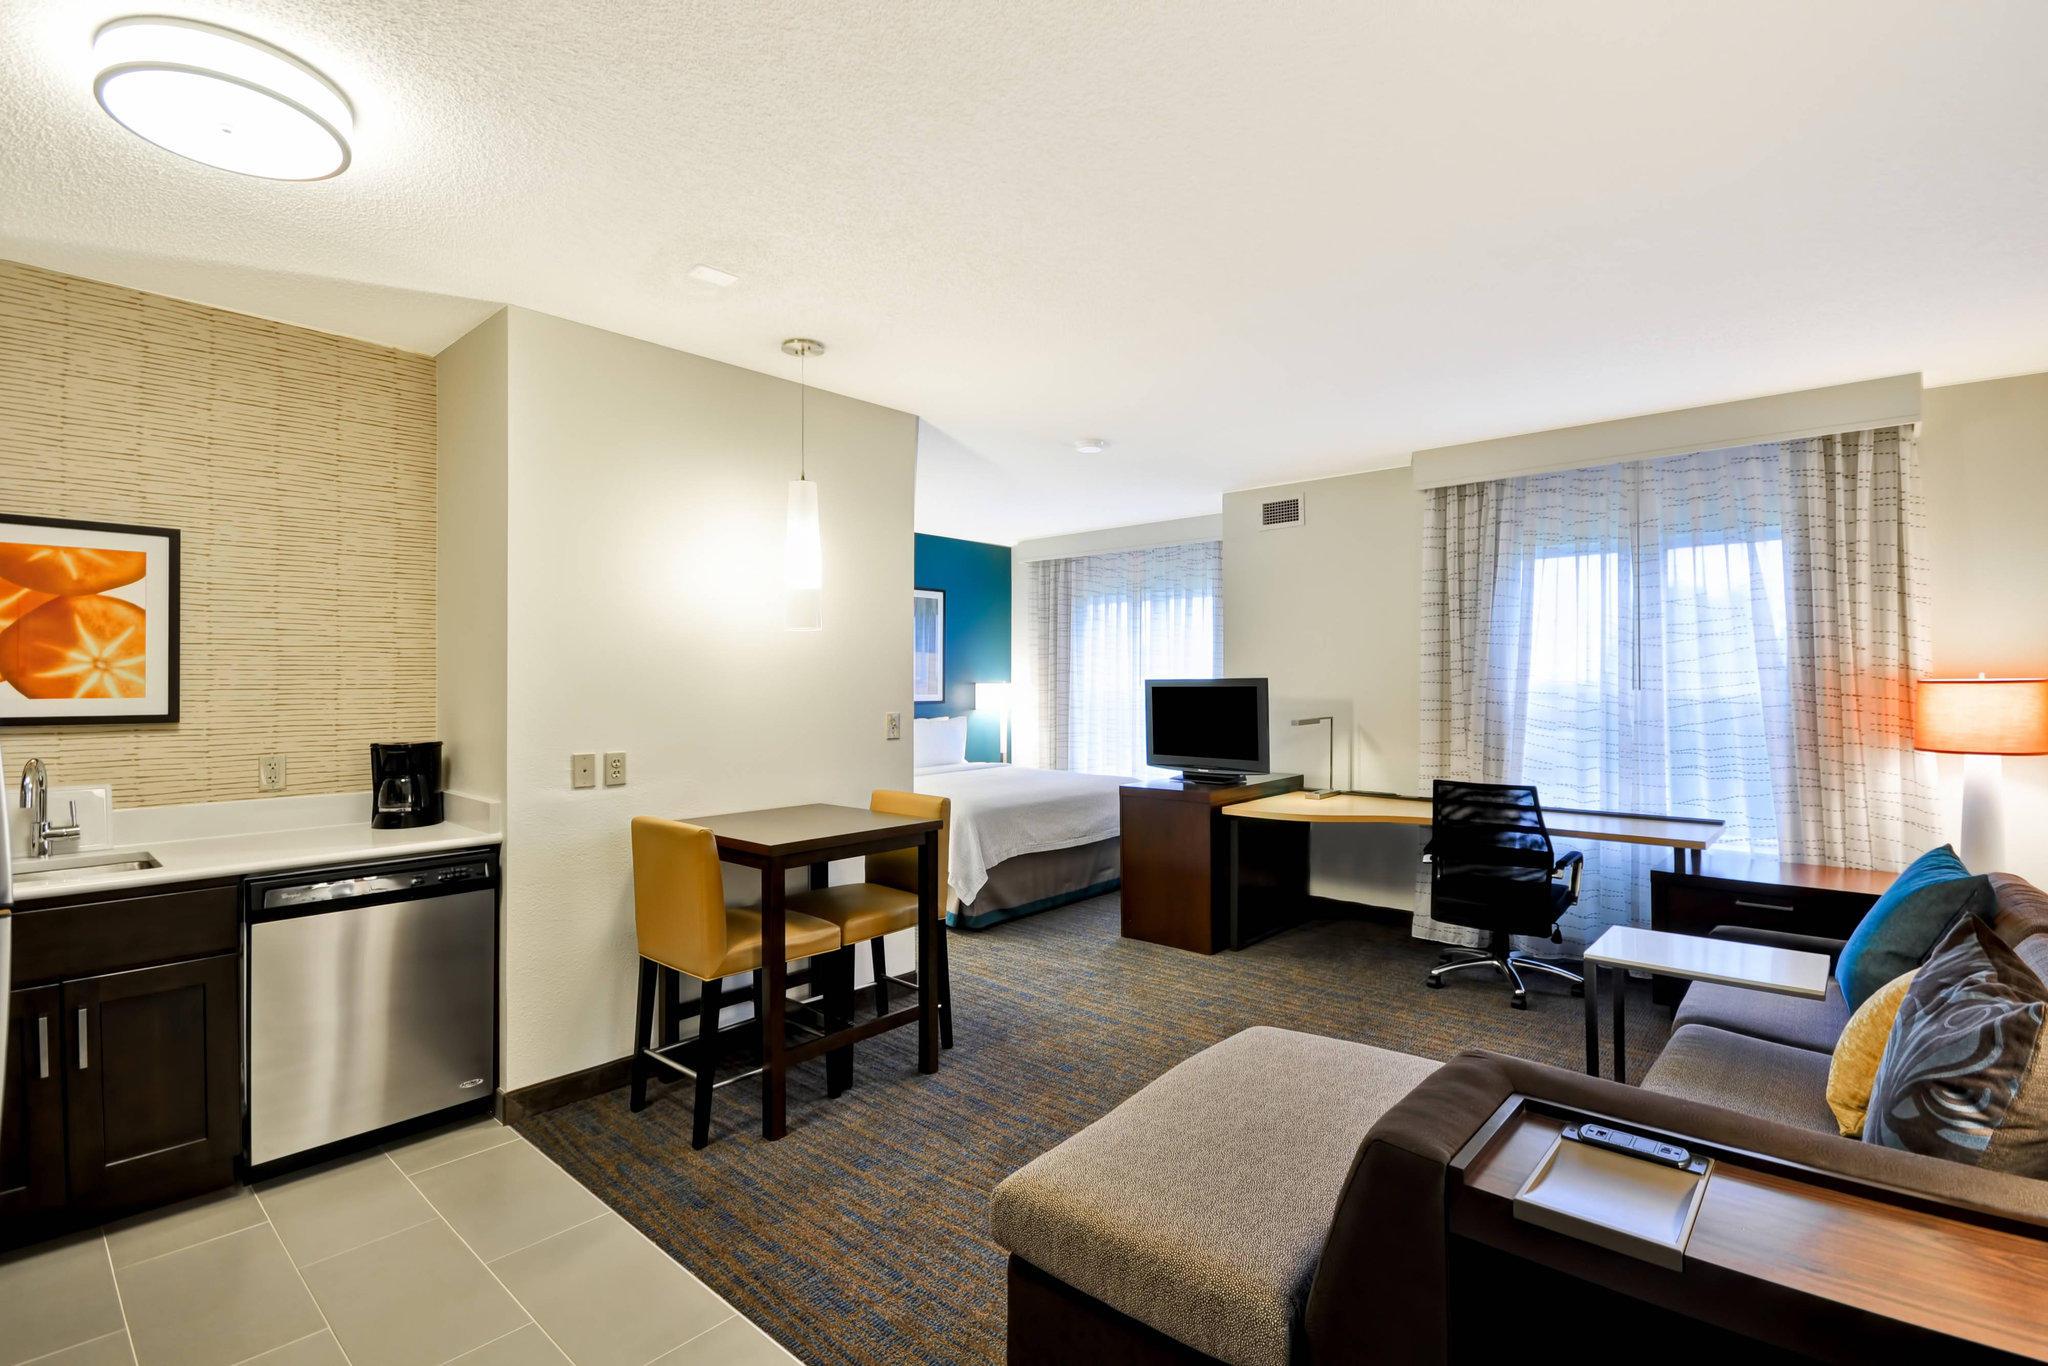 Residence Inn by Marriott Lexington South/Hamburg Place